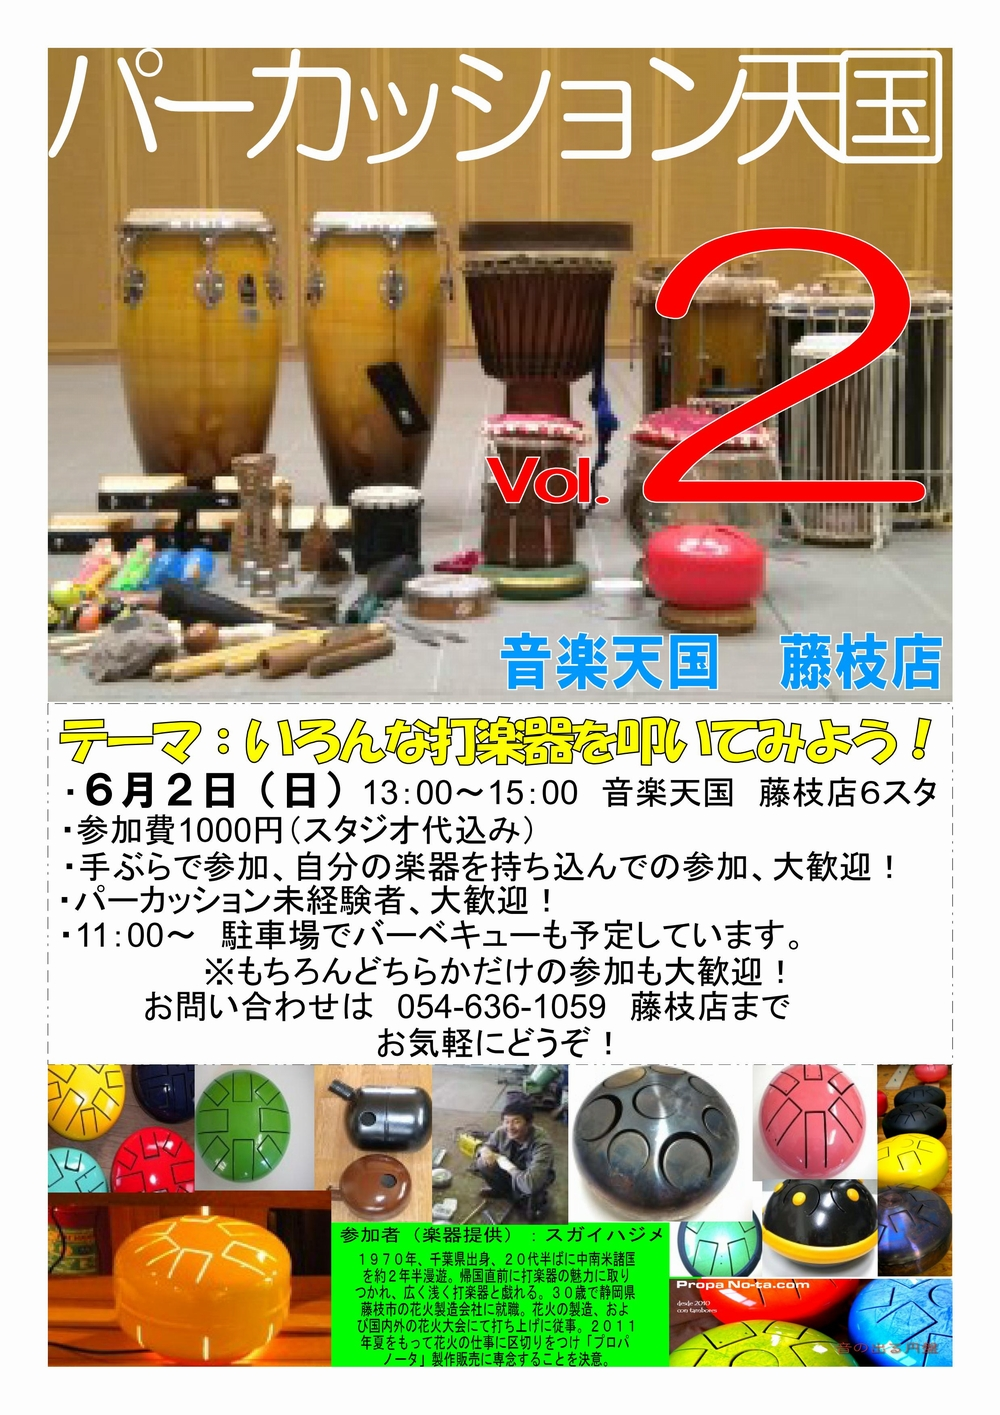 パーカッション天国Vol.2@藤枝店6月2日(日)好評第二弾!